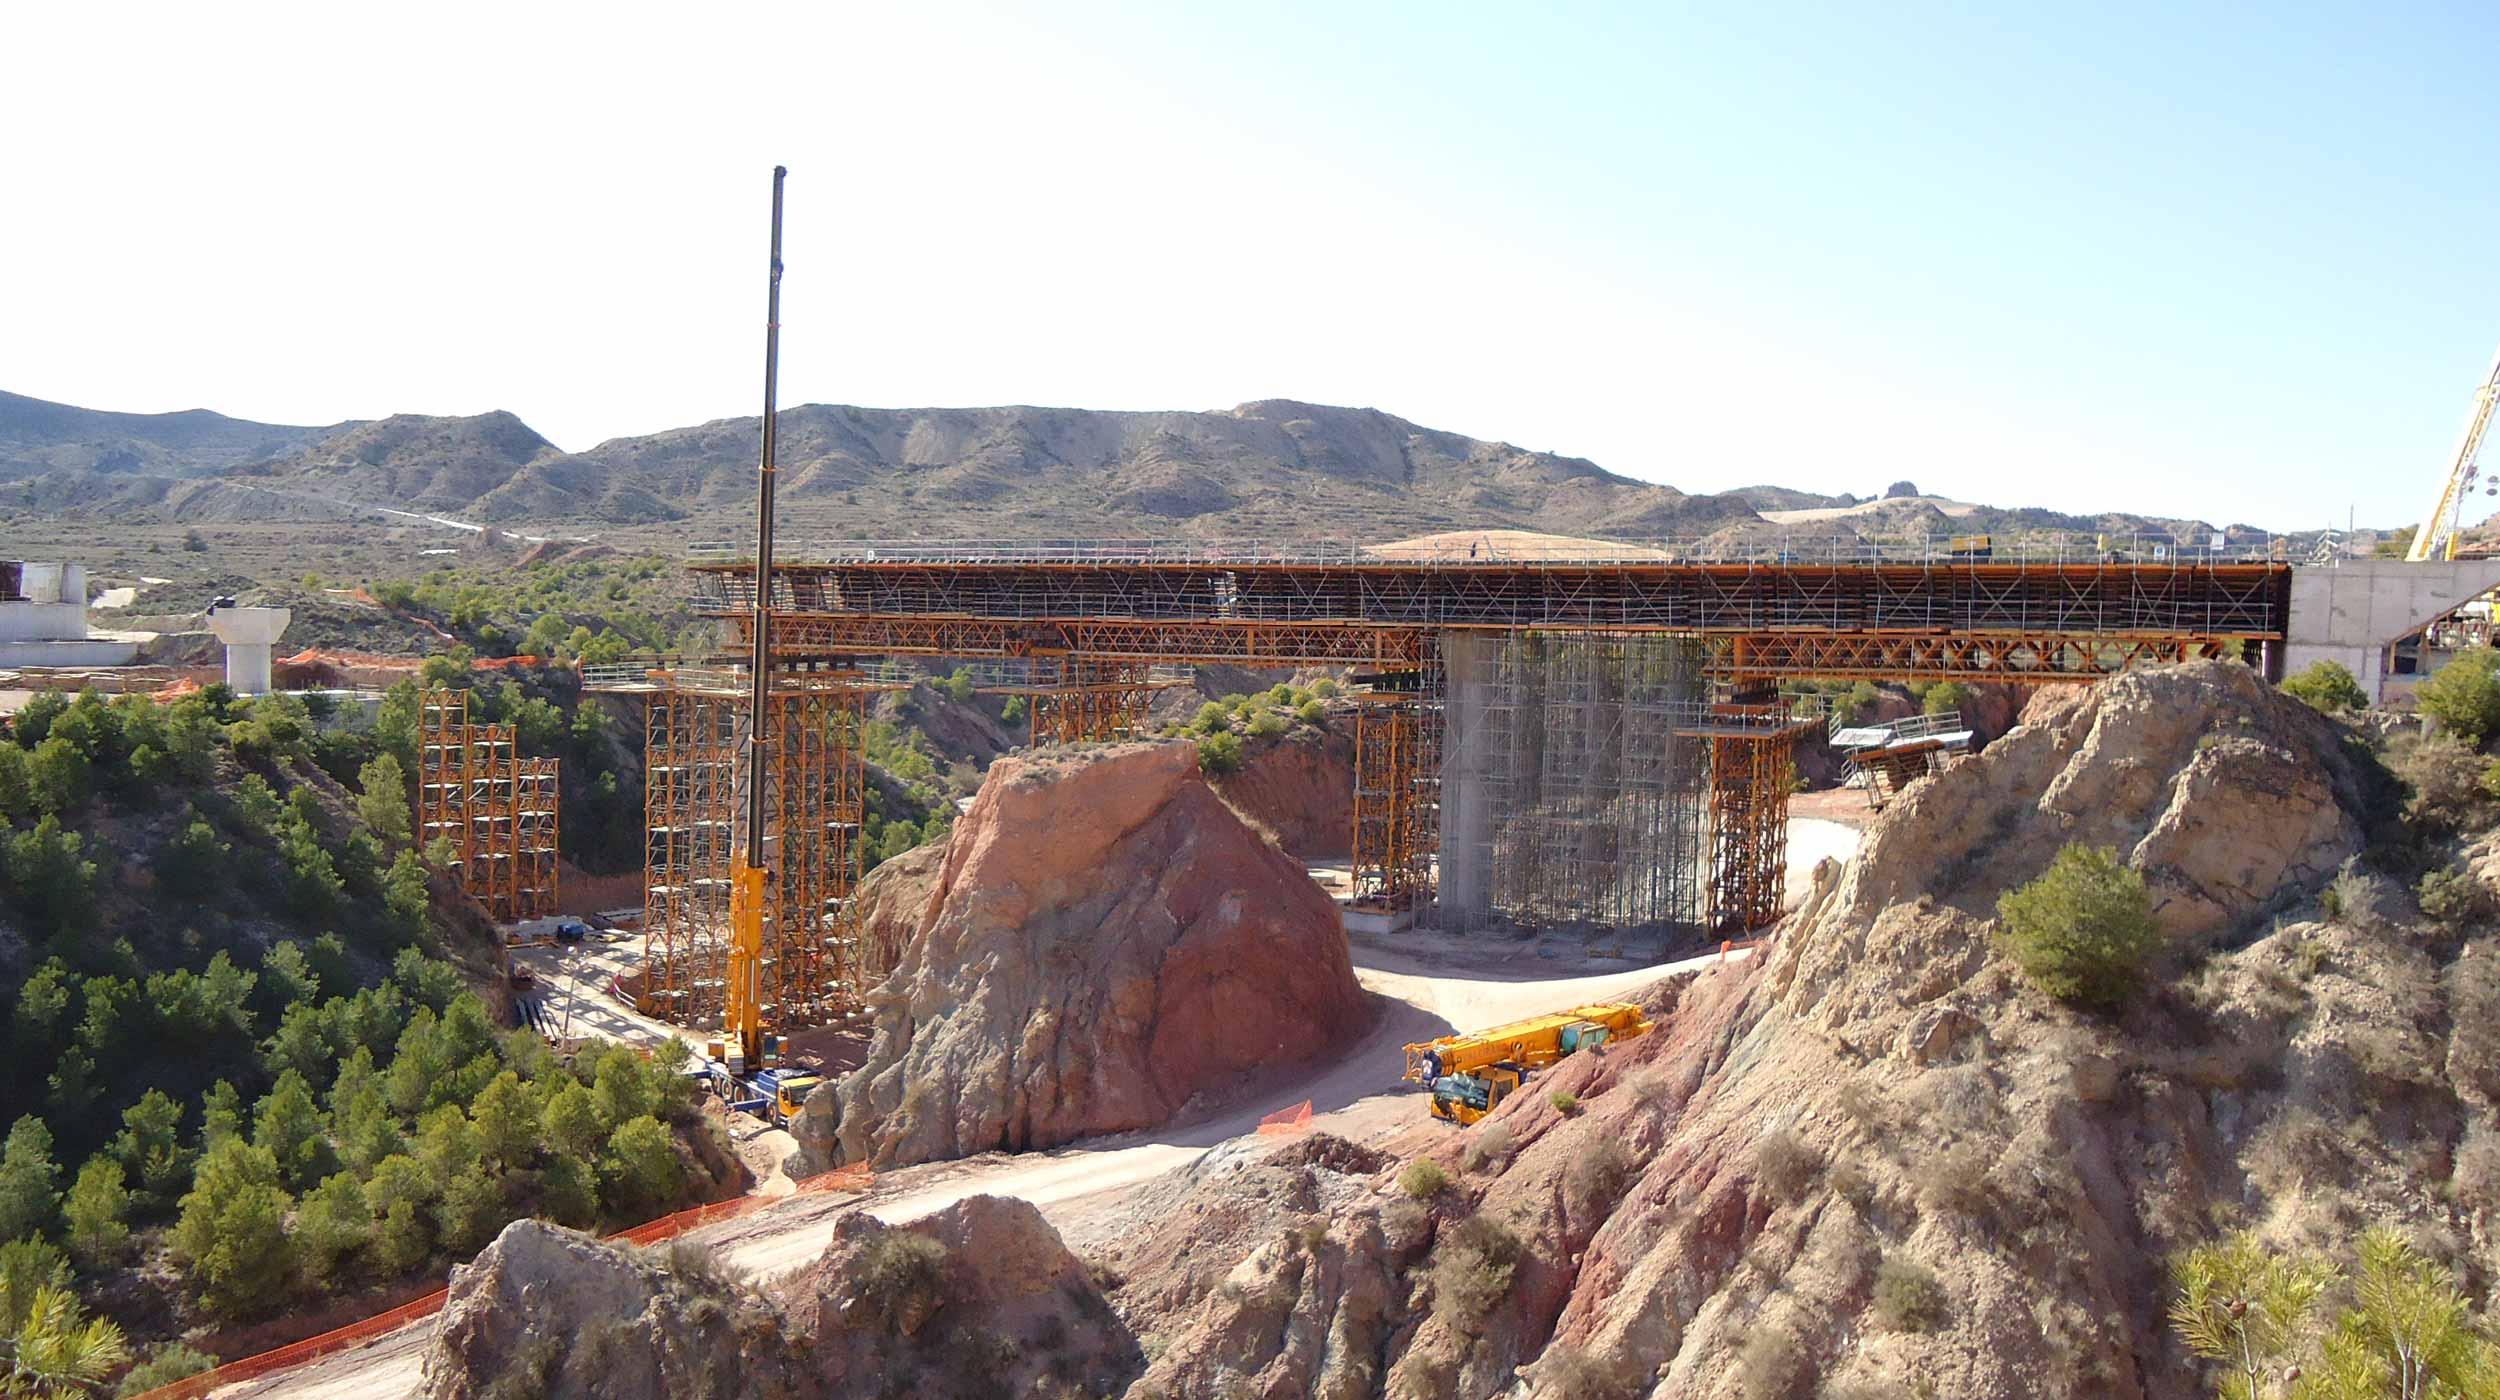 Esta infraestructura forma parte del tramo Monforte del Cid-Aspe de 7,8 km, correspondiente al proyecto de construcción de la Línea ferroviaria de Alta Velocidad de levante.